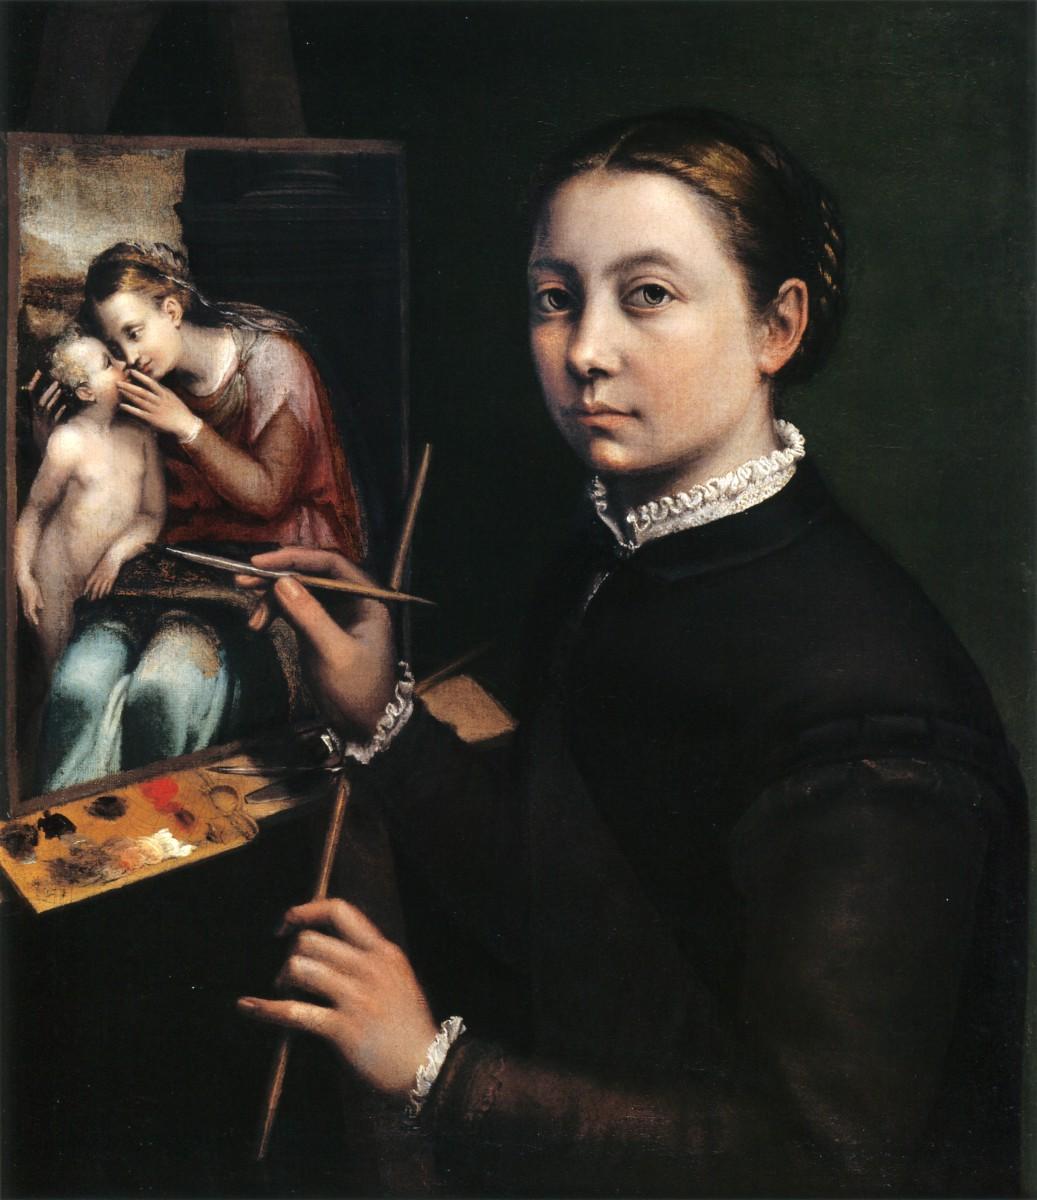 Dama z pędzlem. Sofonisba Anguissola, pierwsza wielka europejska malarka